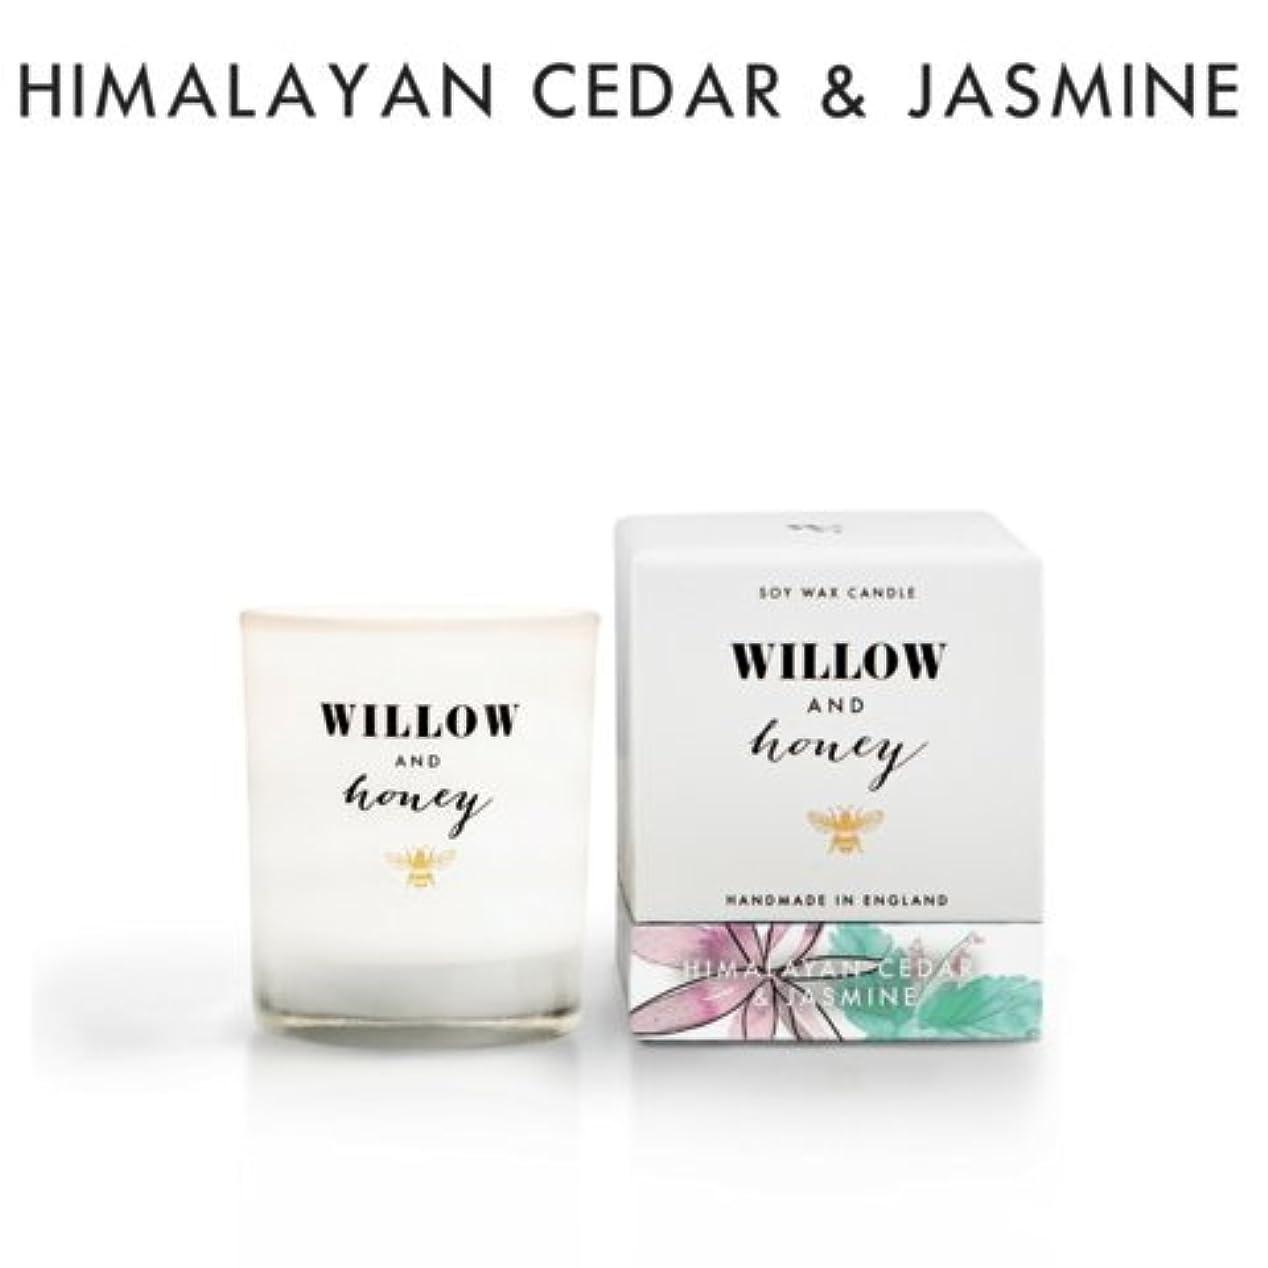 推進、動かすオンス検査大豆ワックスMini香りつきAromatherapy Candle – Fill Your Room withプレミアム天然長持ち香りなし、パラフィンと非毒性15時間燃焼時間理想的なギフト